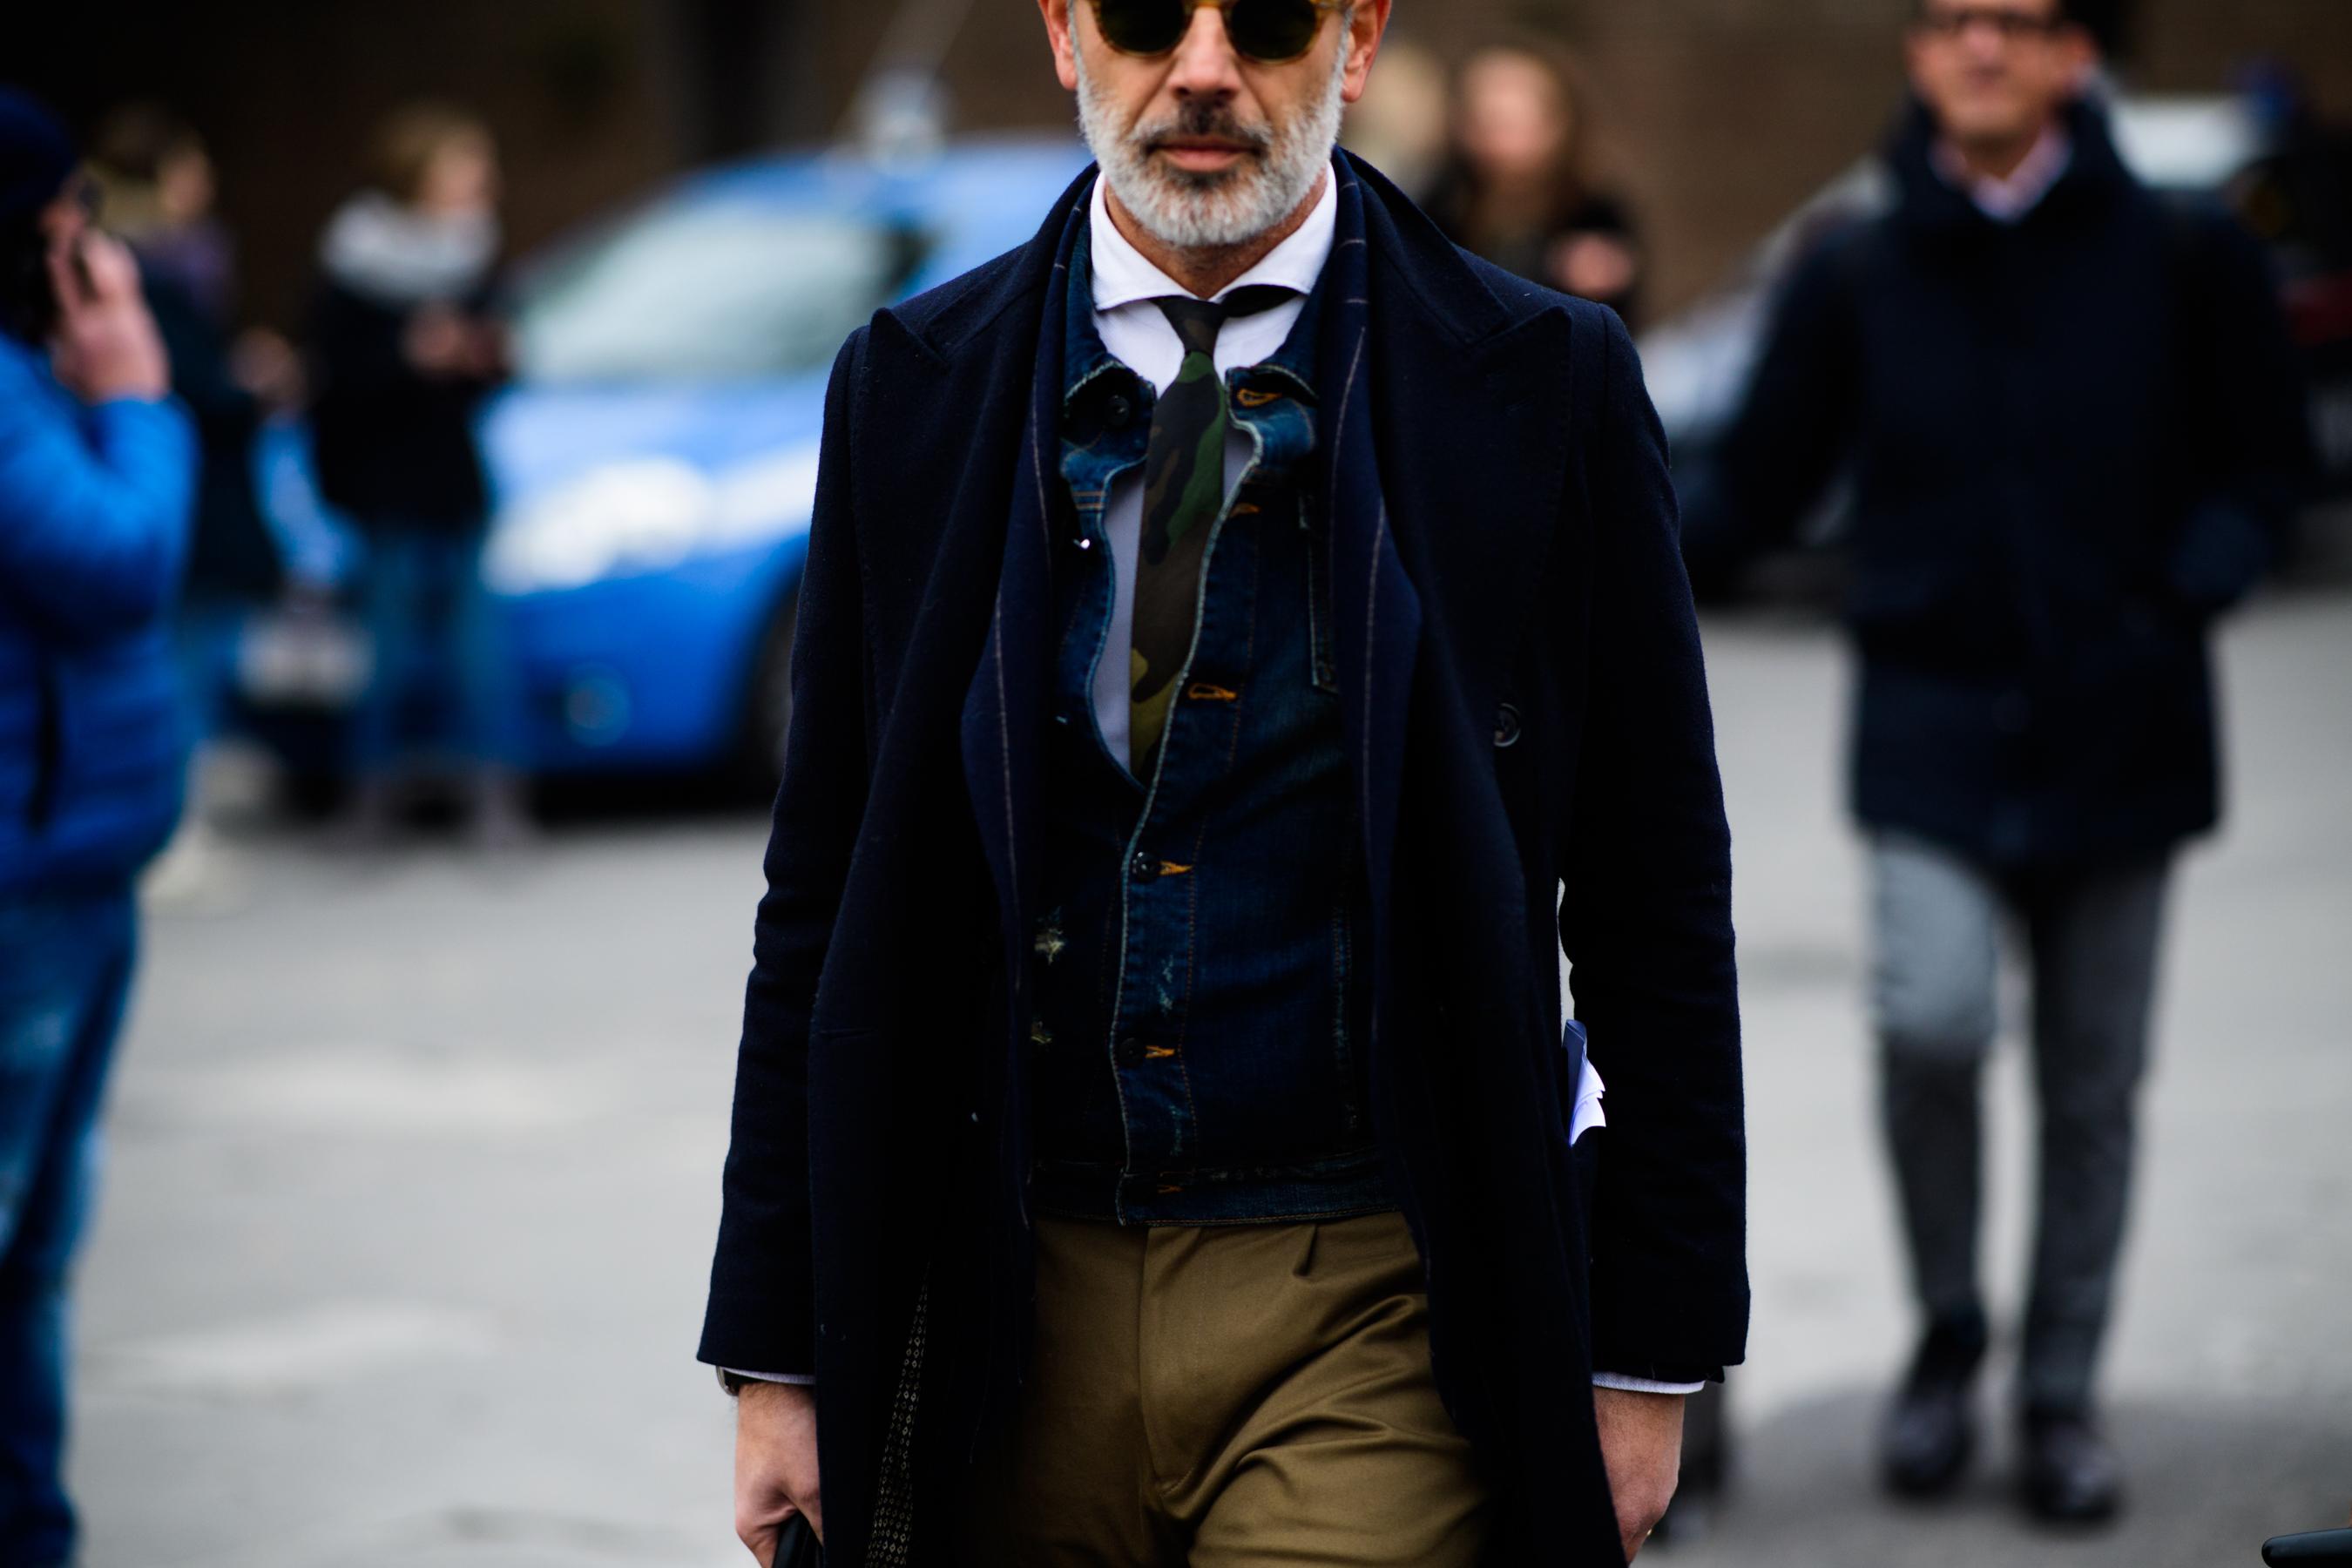 Pitti Uomo 91, street style, estilo de rua, florença, feira de moda, moda masculina, blog de moda masculina, alex cursino, menswear, dicas de moda, como ser estiloso, (1)